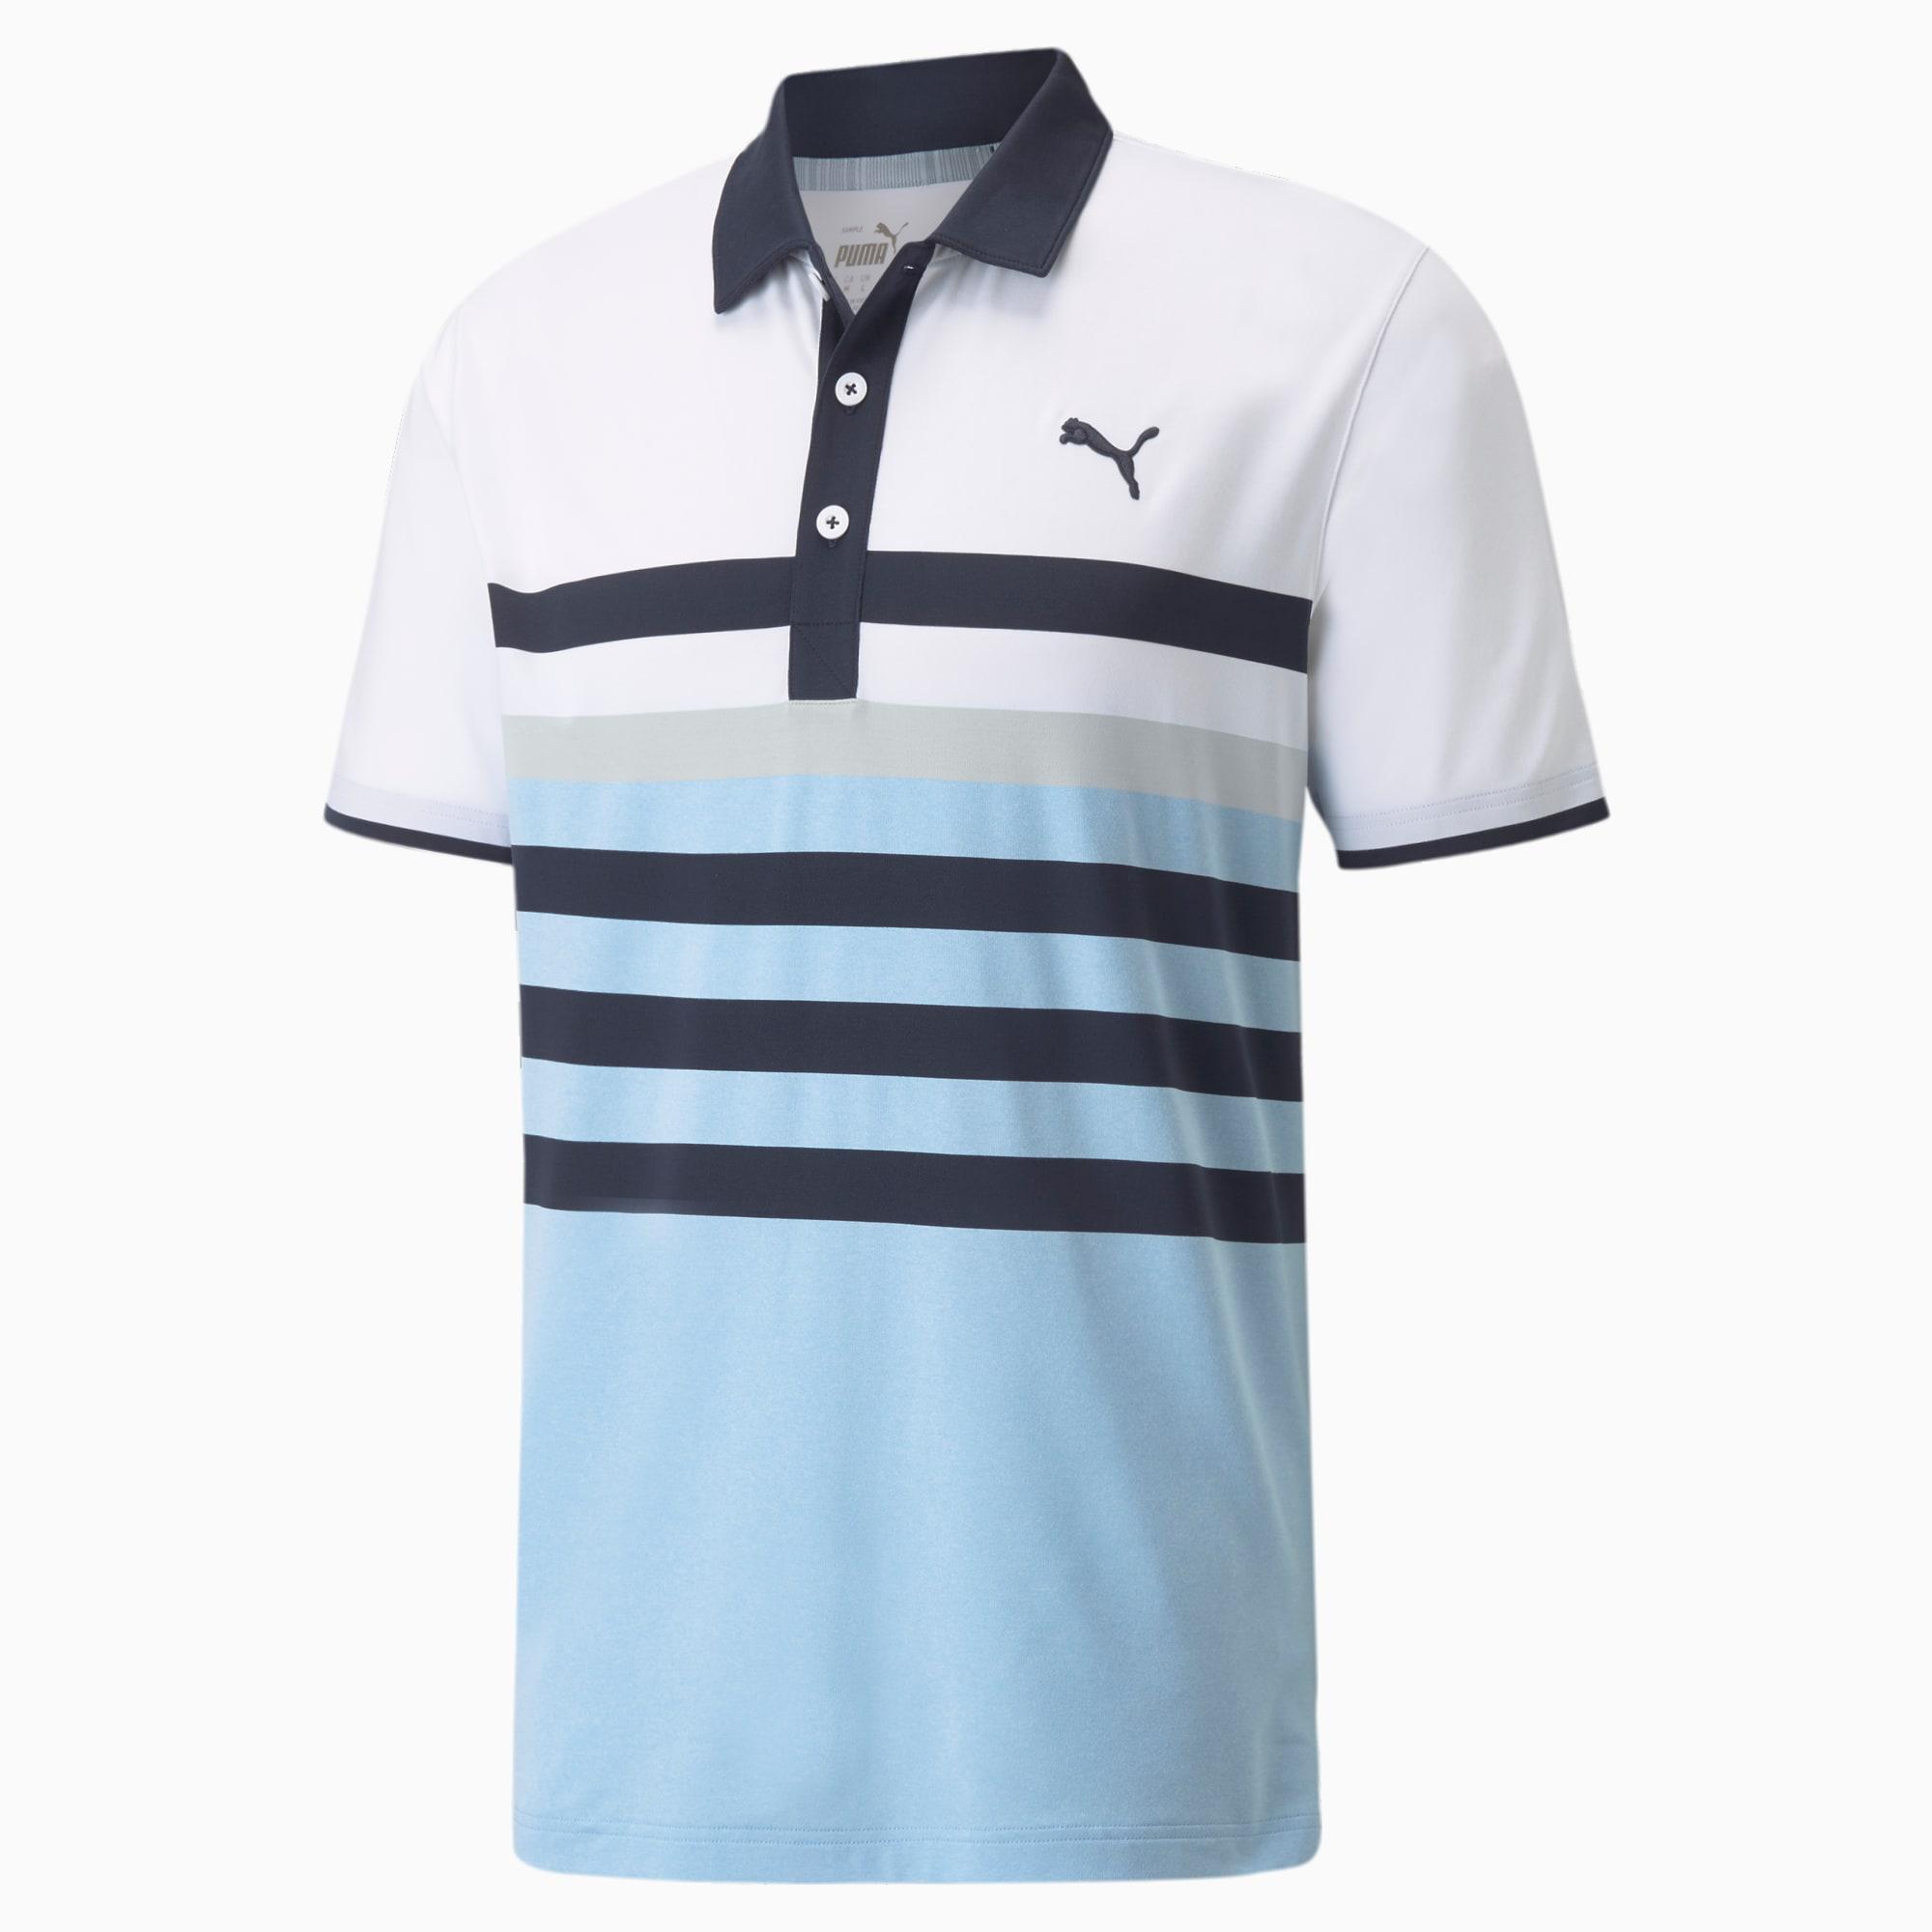 MATTR One Way golfpoloshirt heren, Blauw, Maat XXL | PUMA